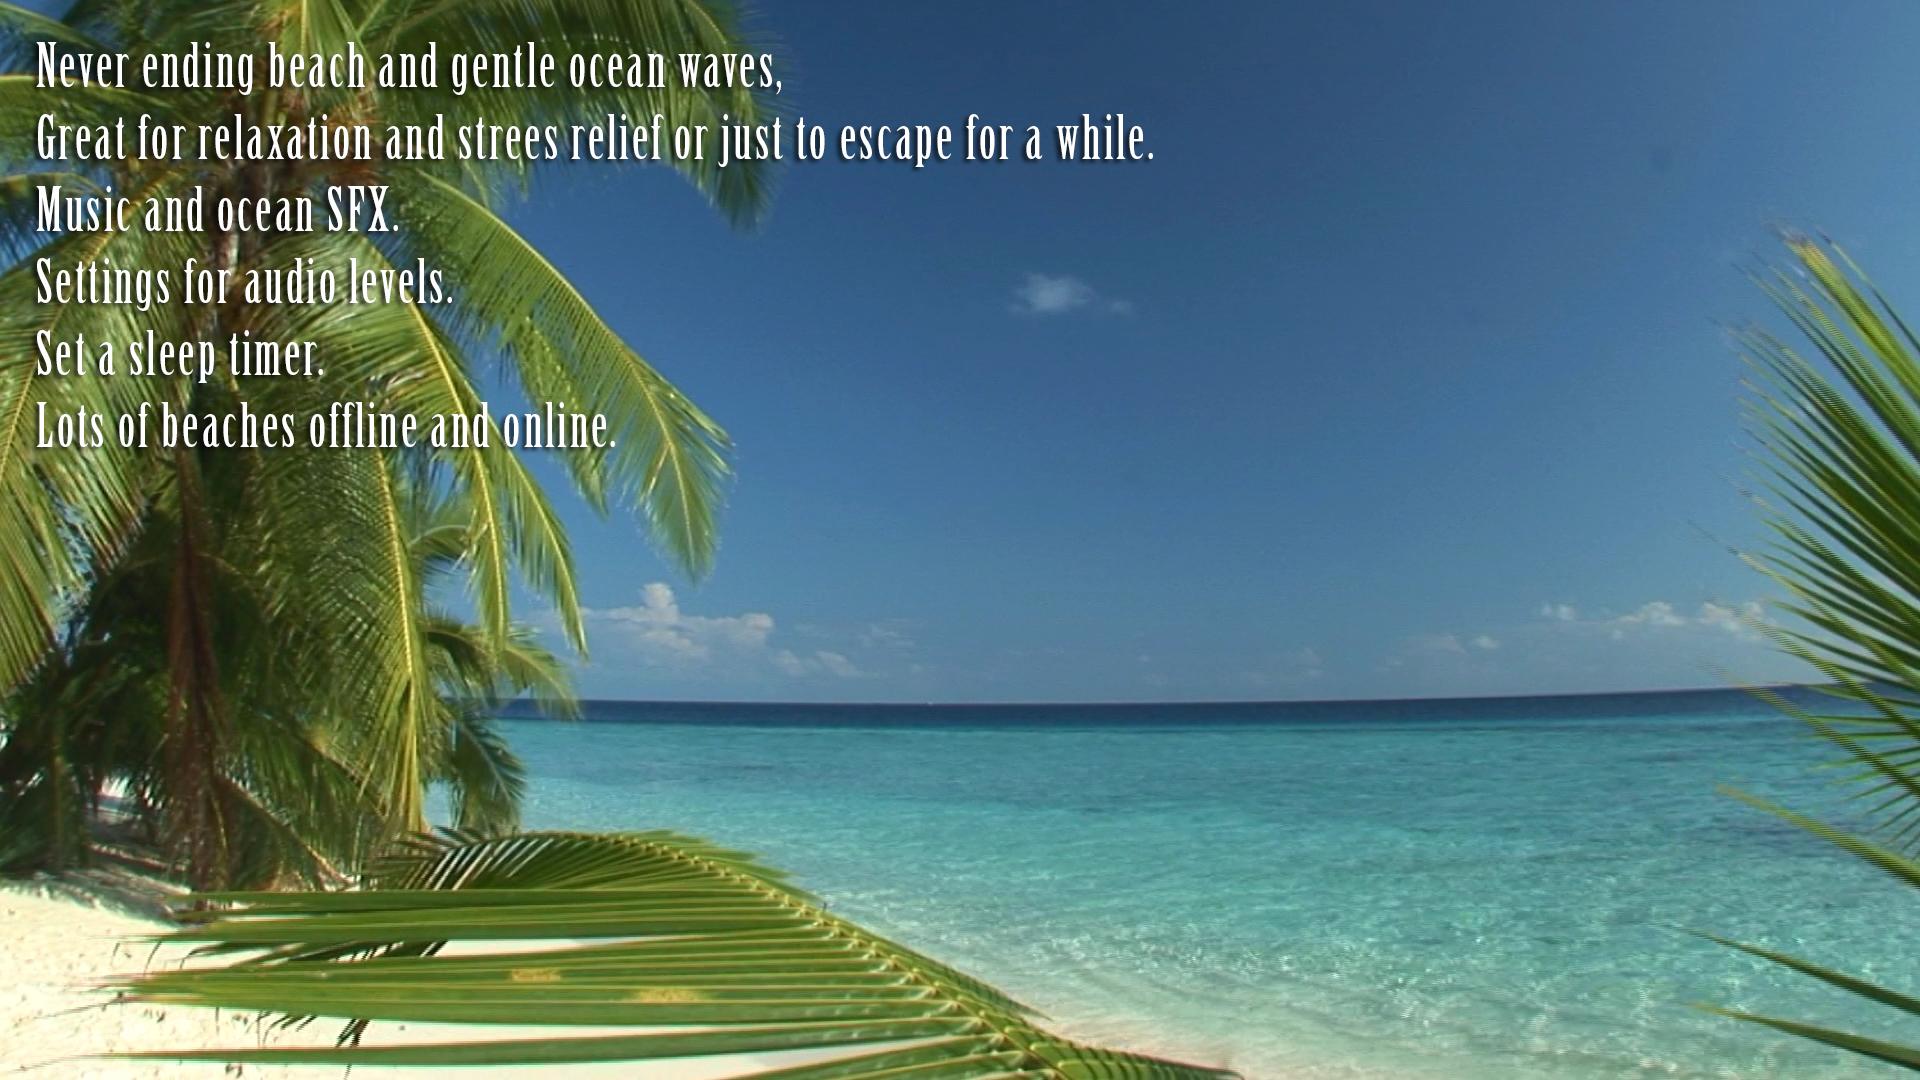 Relaxing Beaches In HD screenshot 9